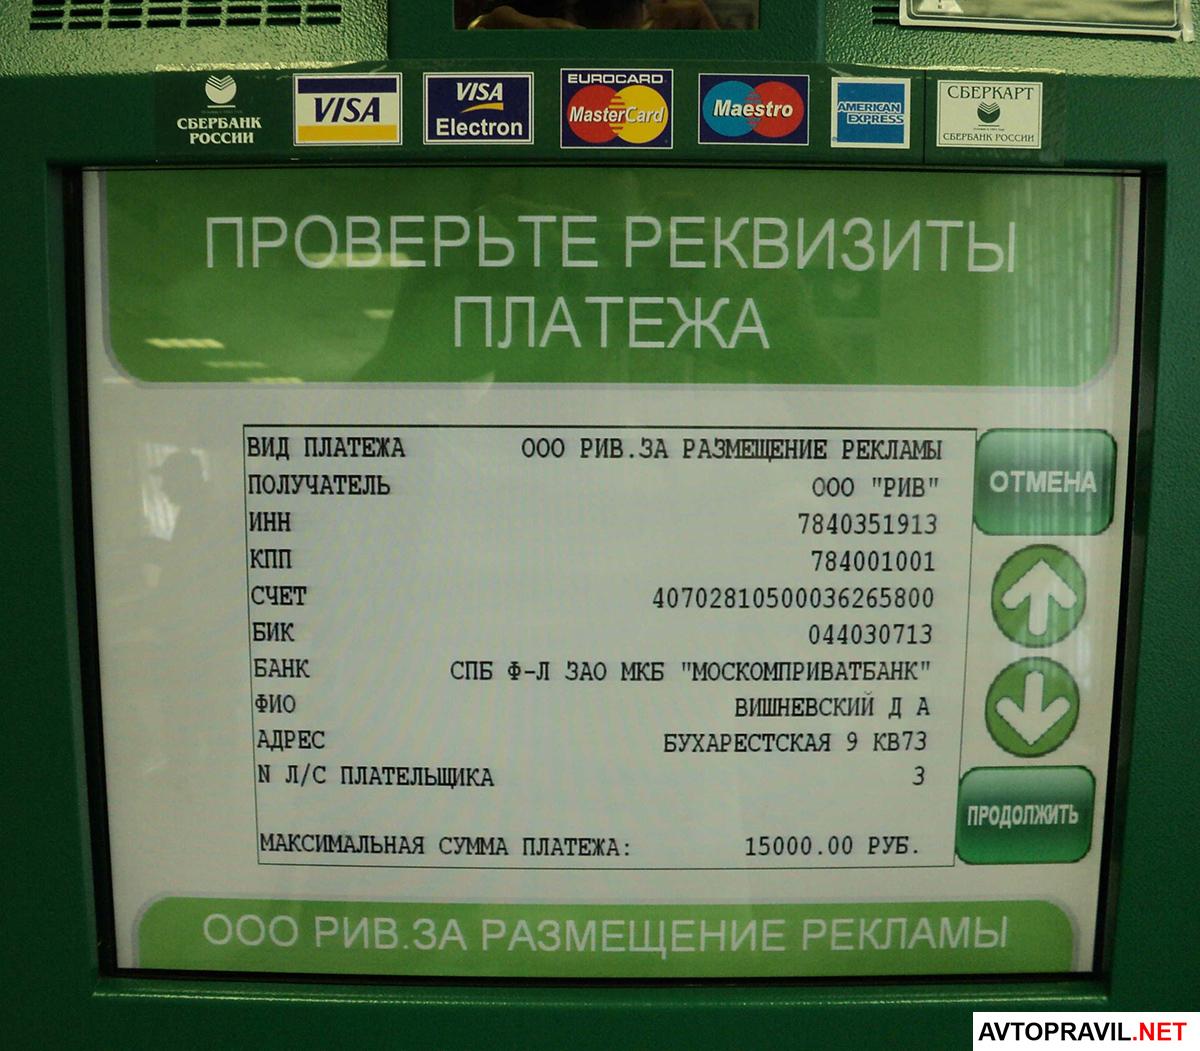 Проверка реквизитов перед оплатой